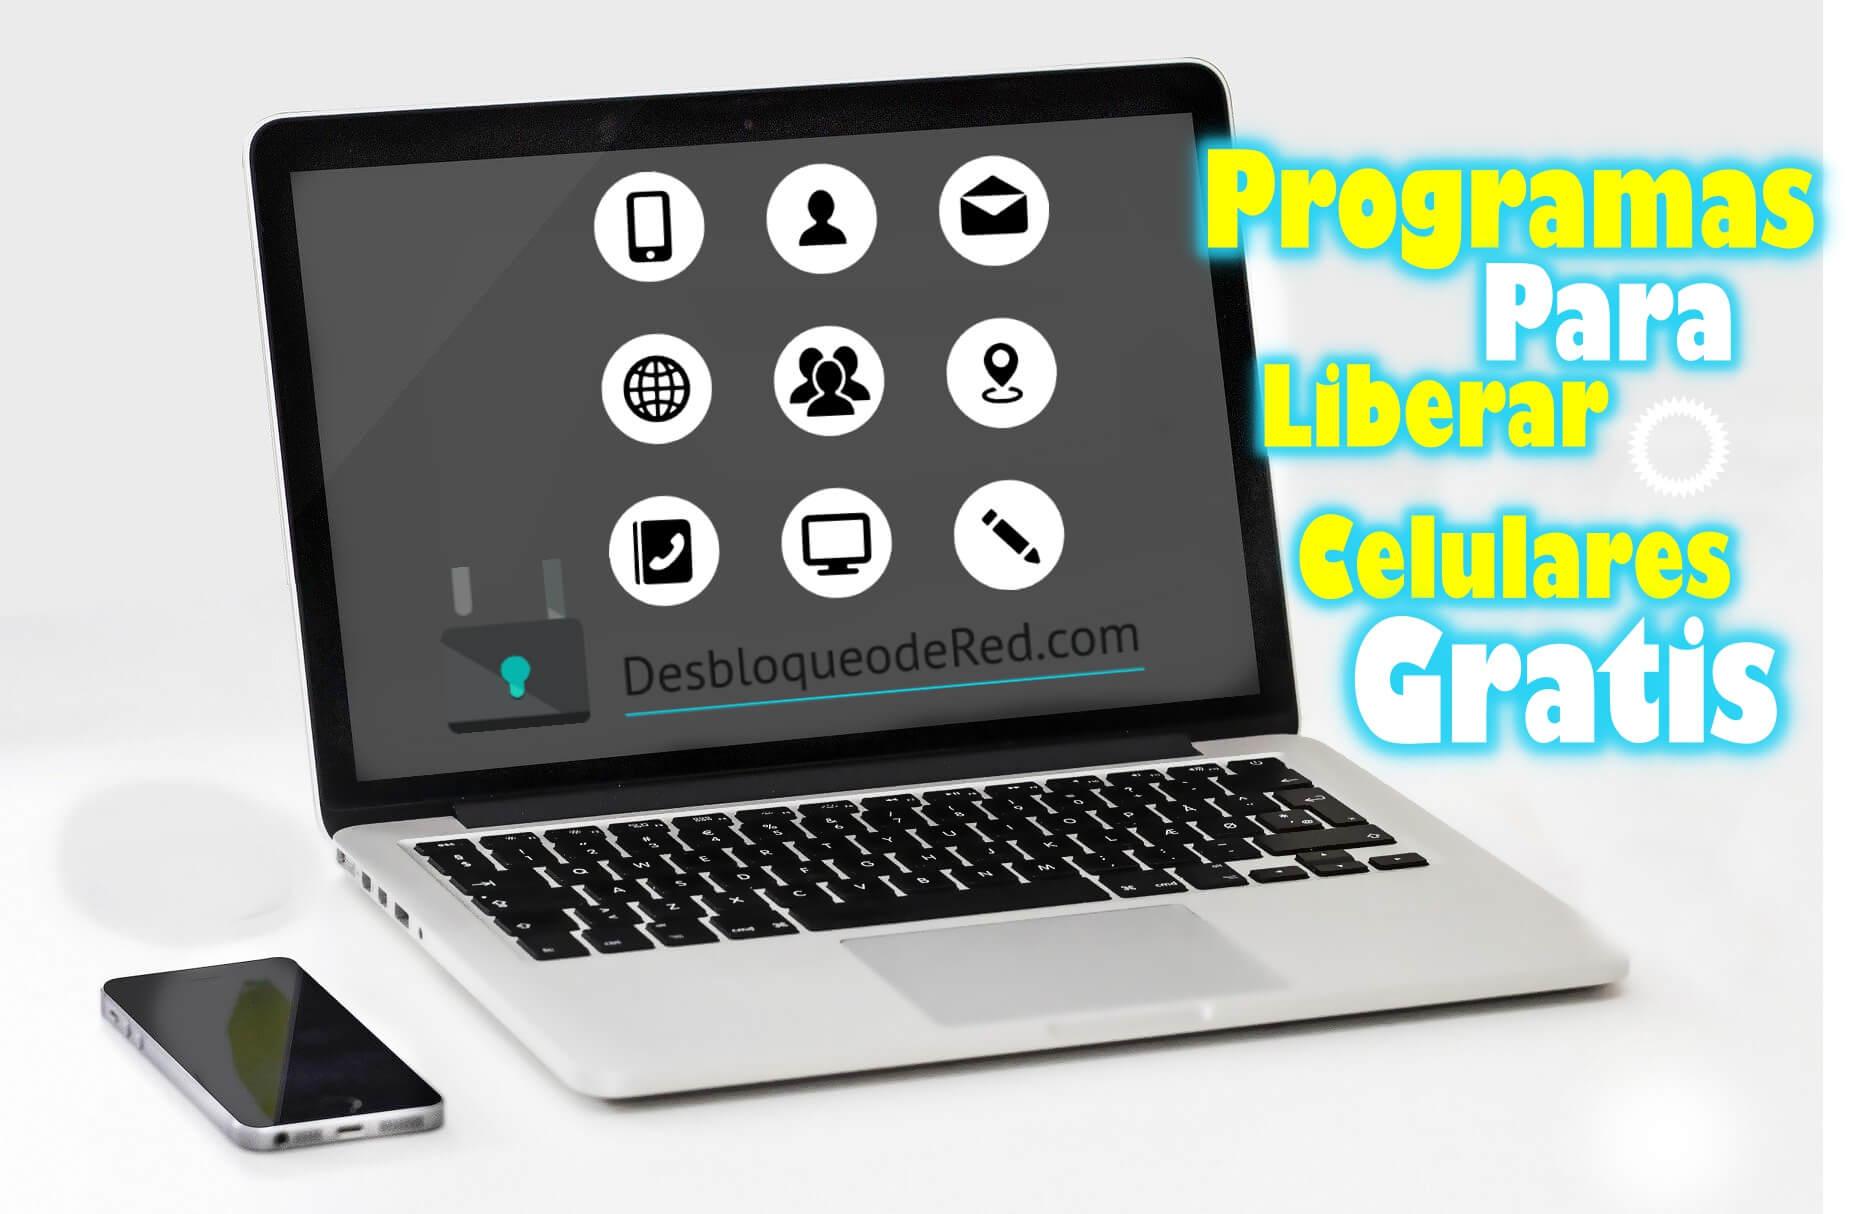 Programa para liberar celulares por imei gratis en español 2020